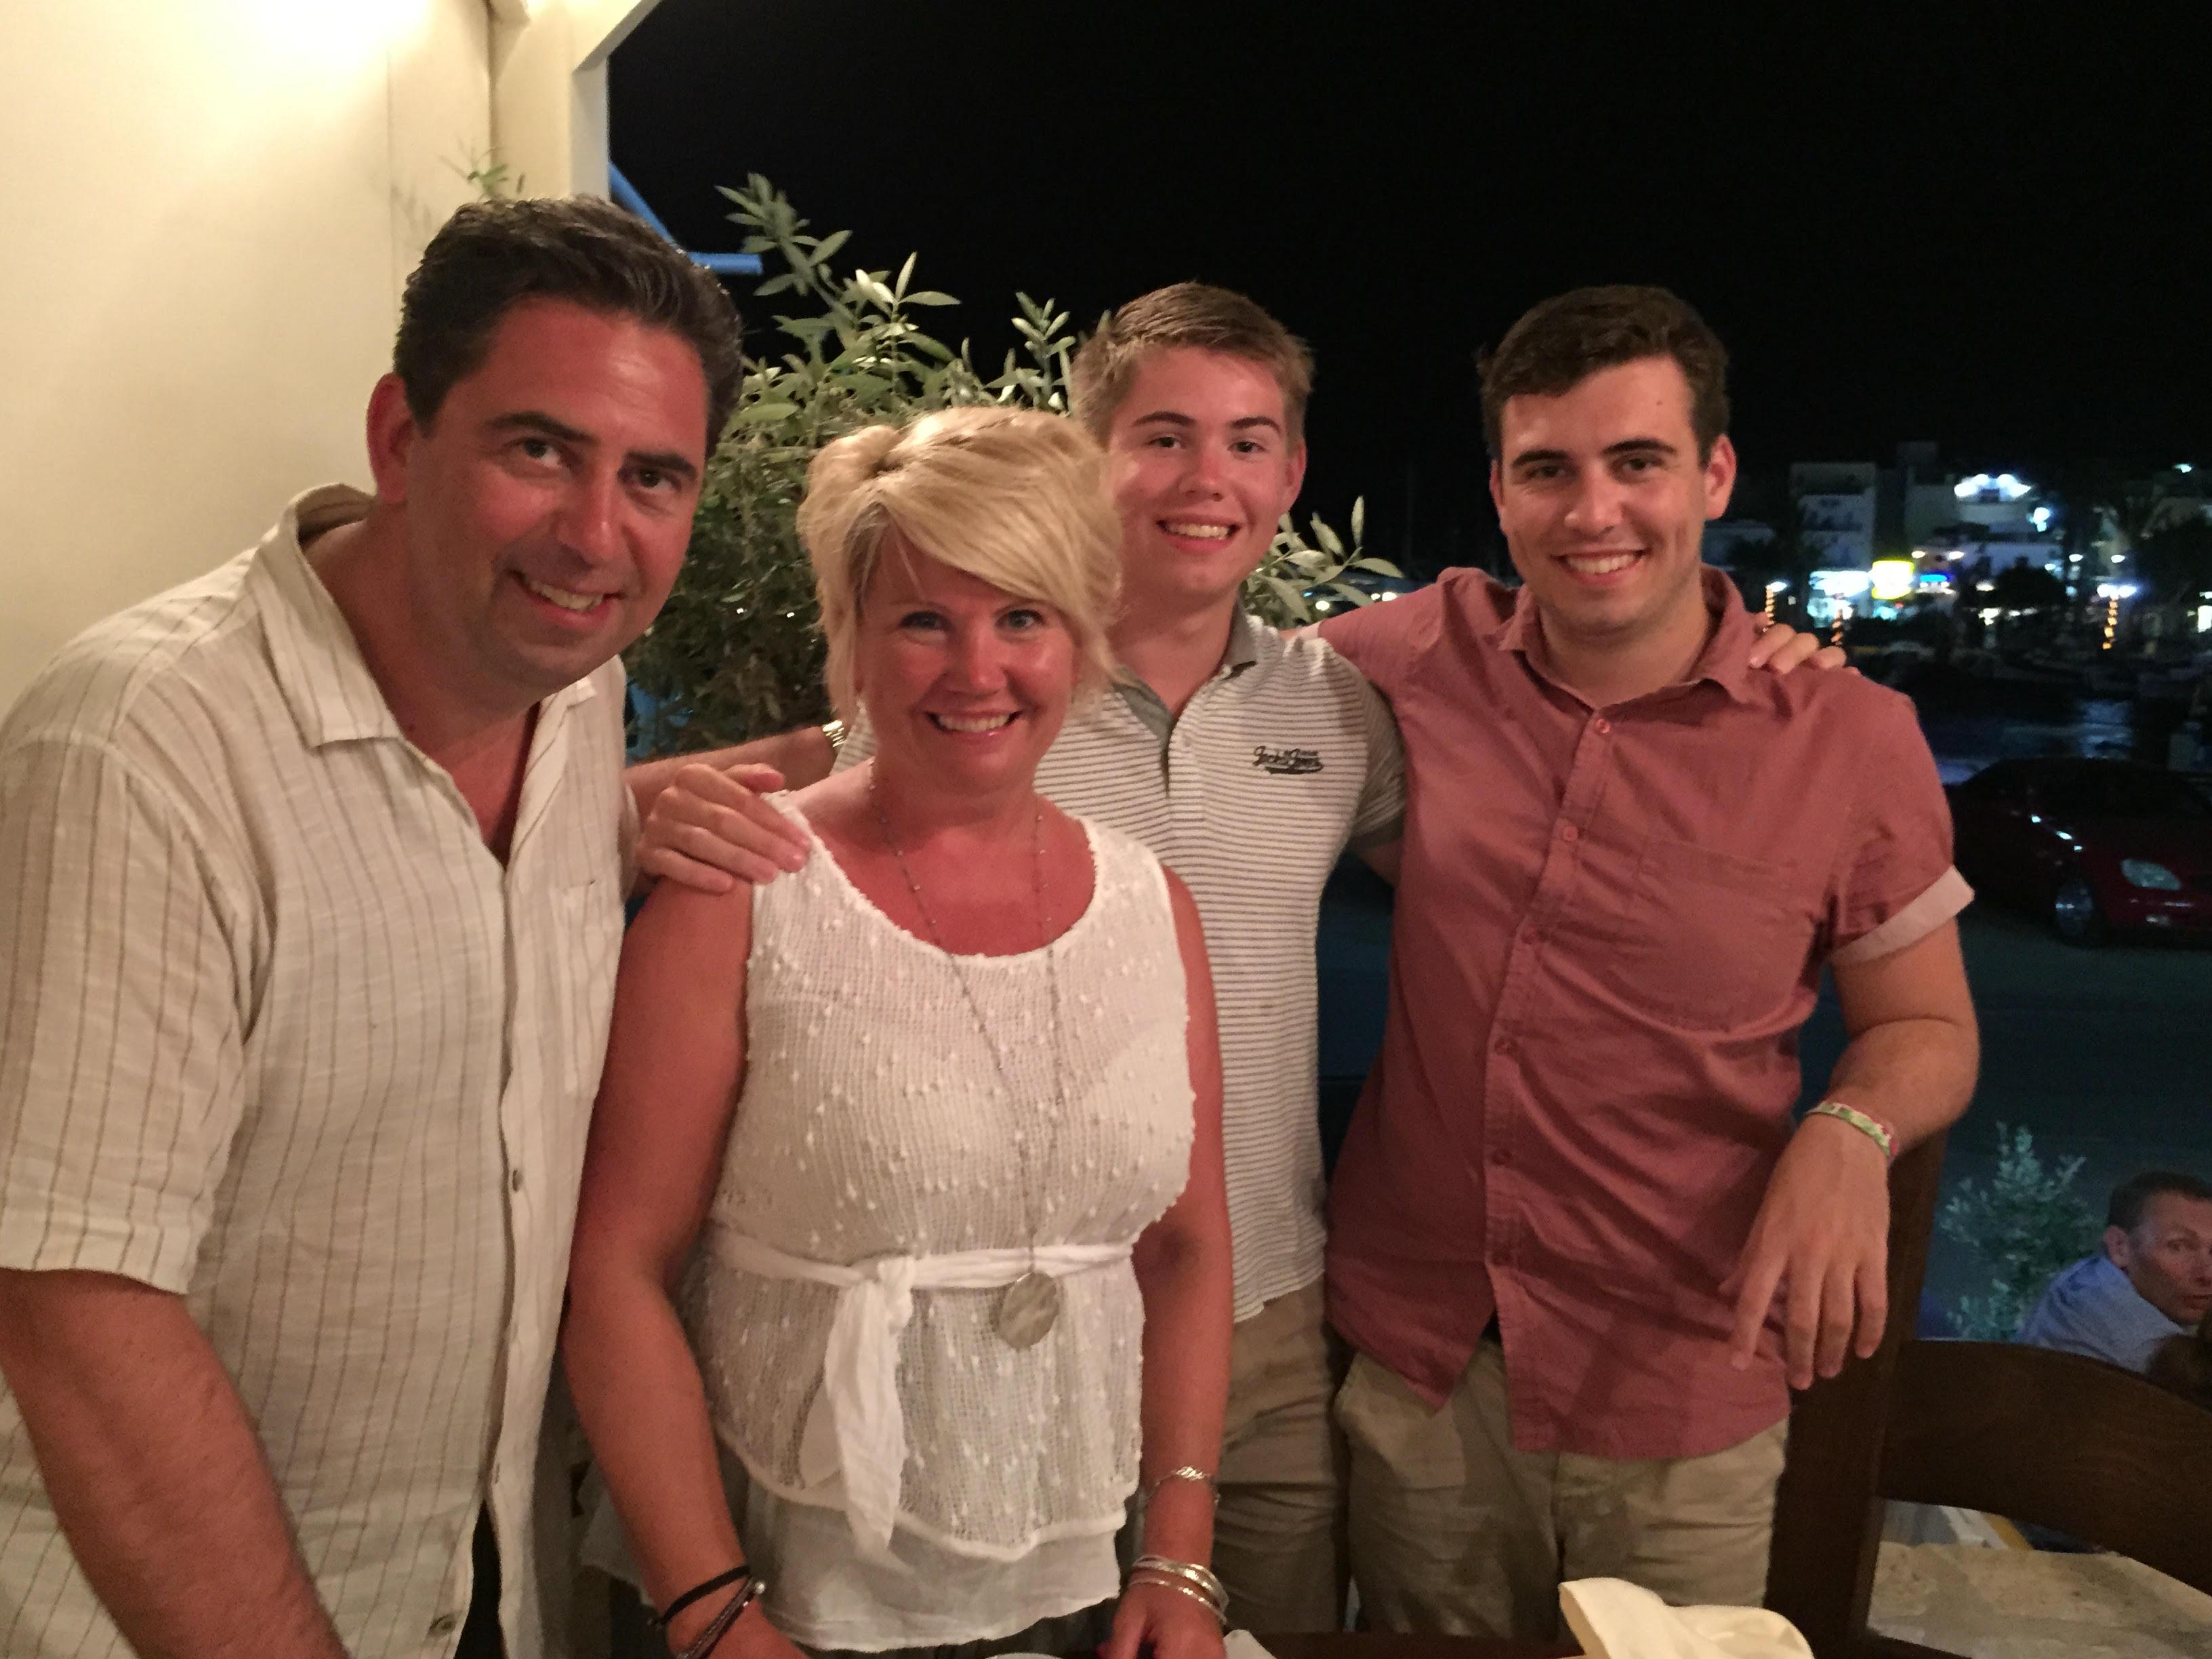 jon&family